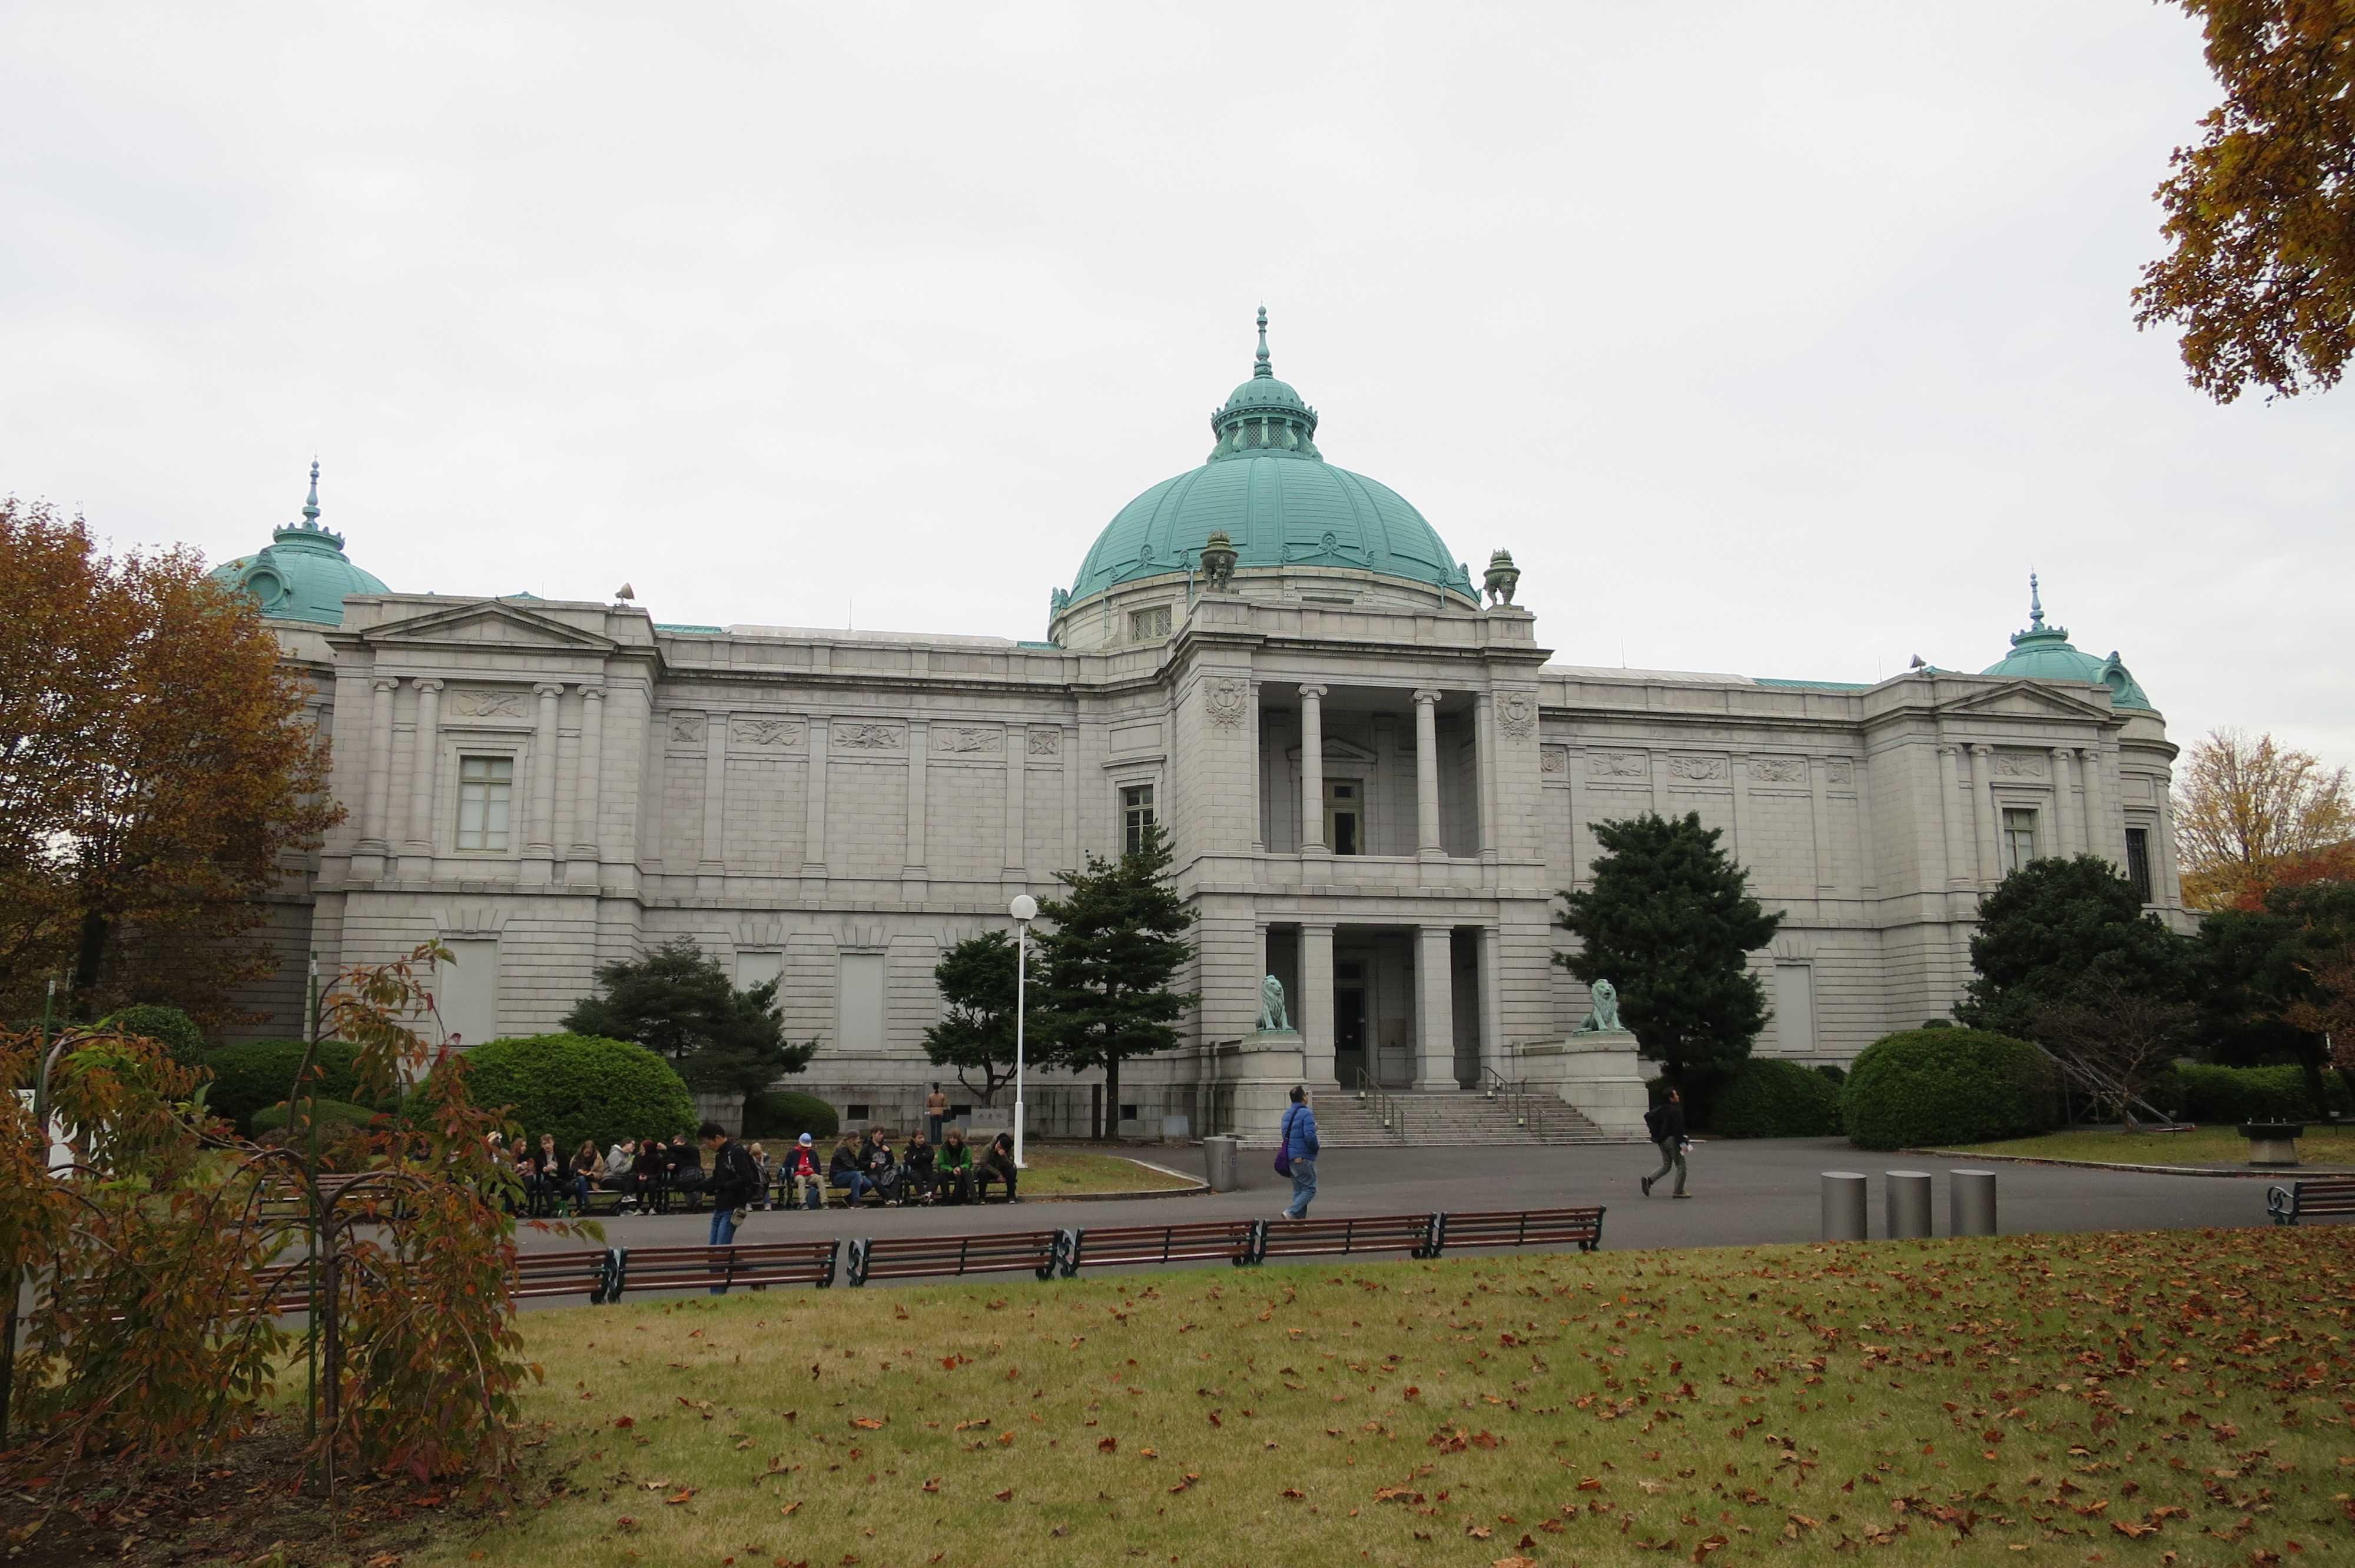 「東京国立博物館 表慶館」の画像検索結果